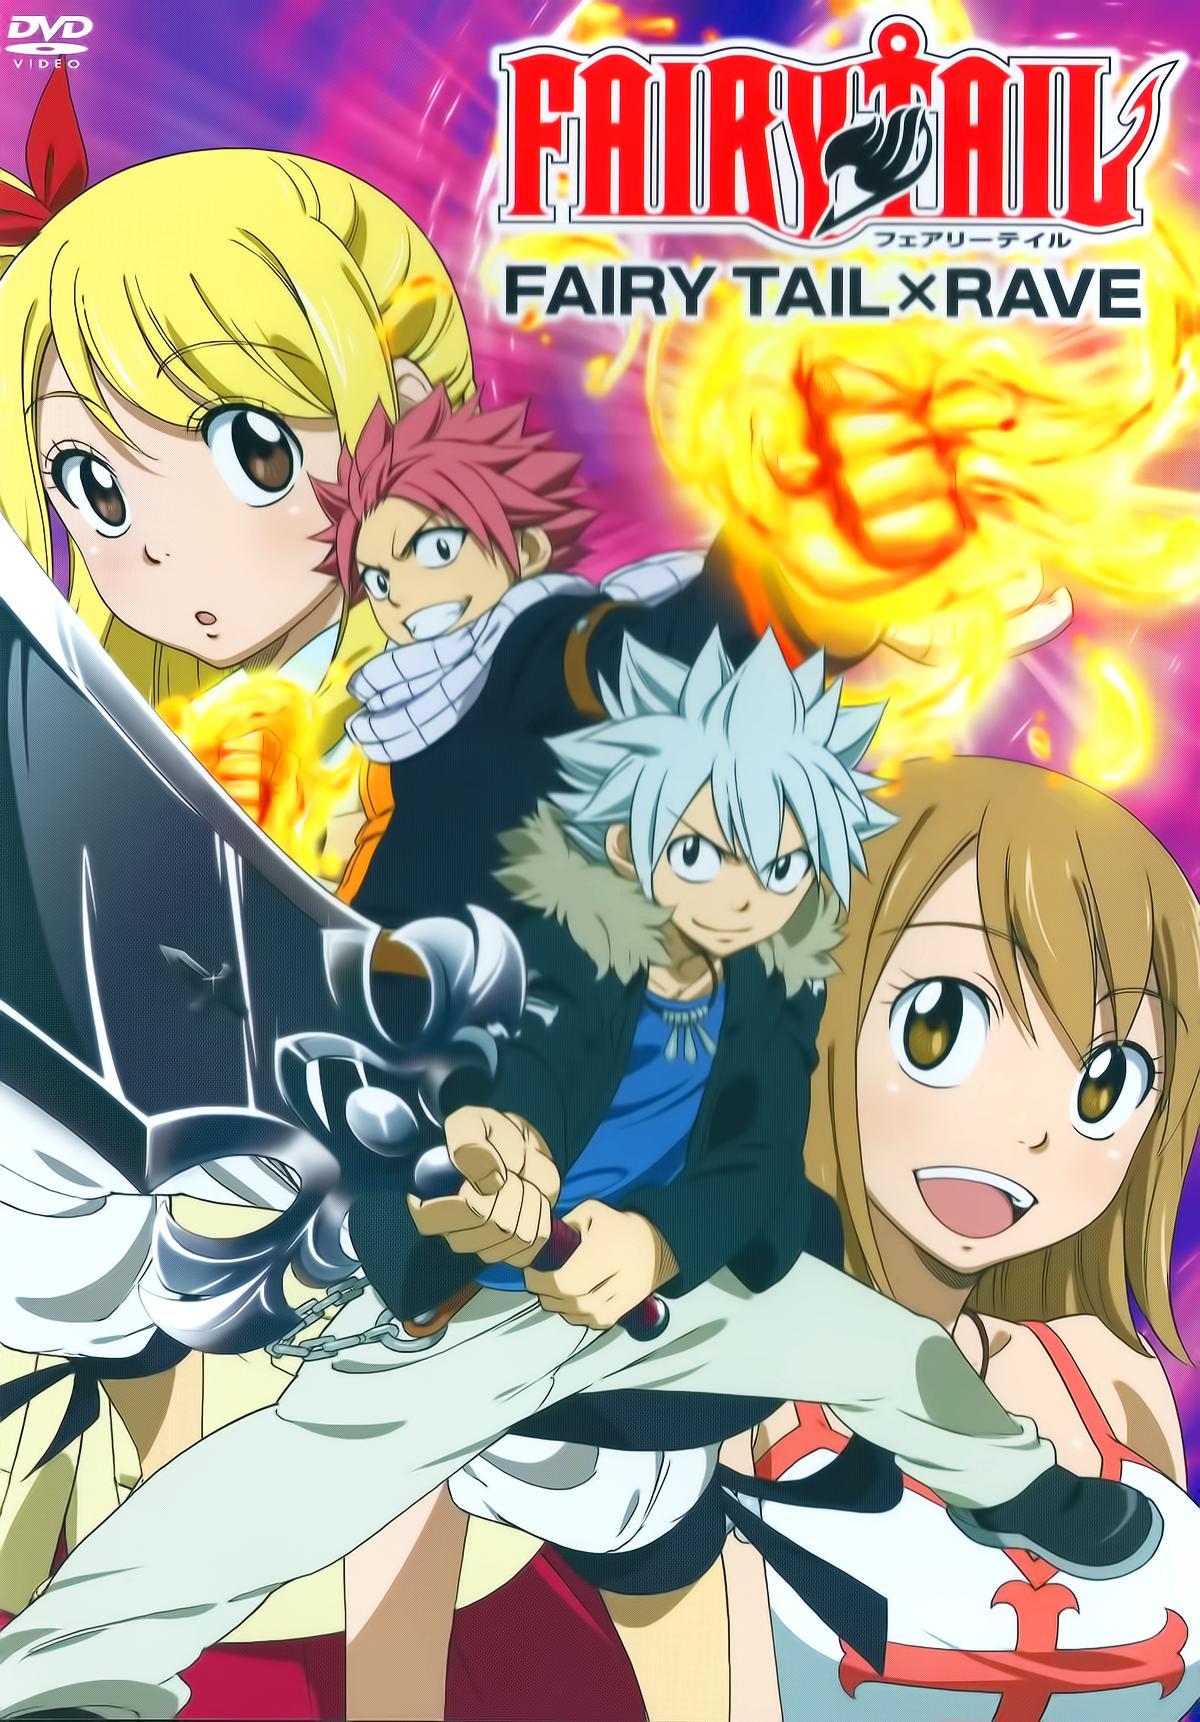 affiche du film Fairy Tail X Rave